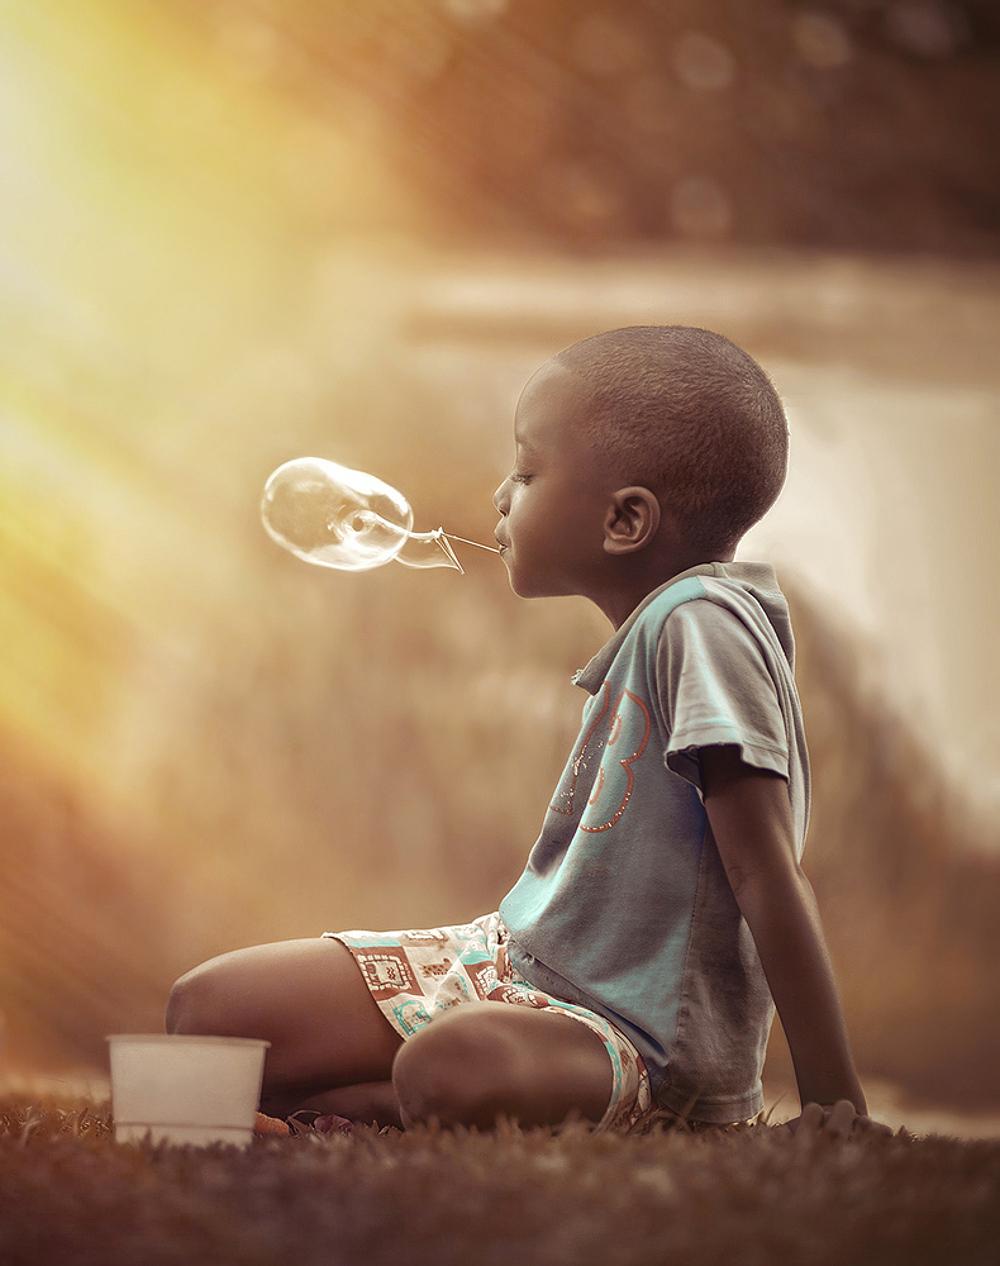 foto-bambini-che-giocano-giamaica-Adrian-McDonald-15